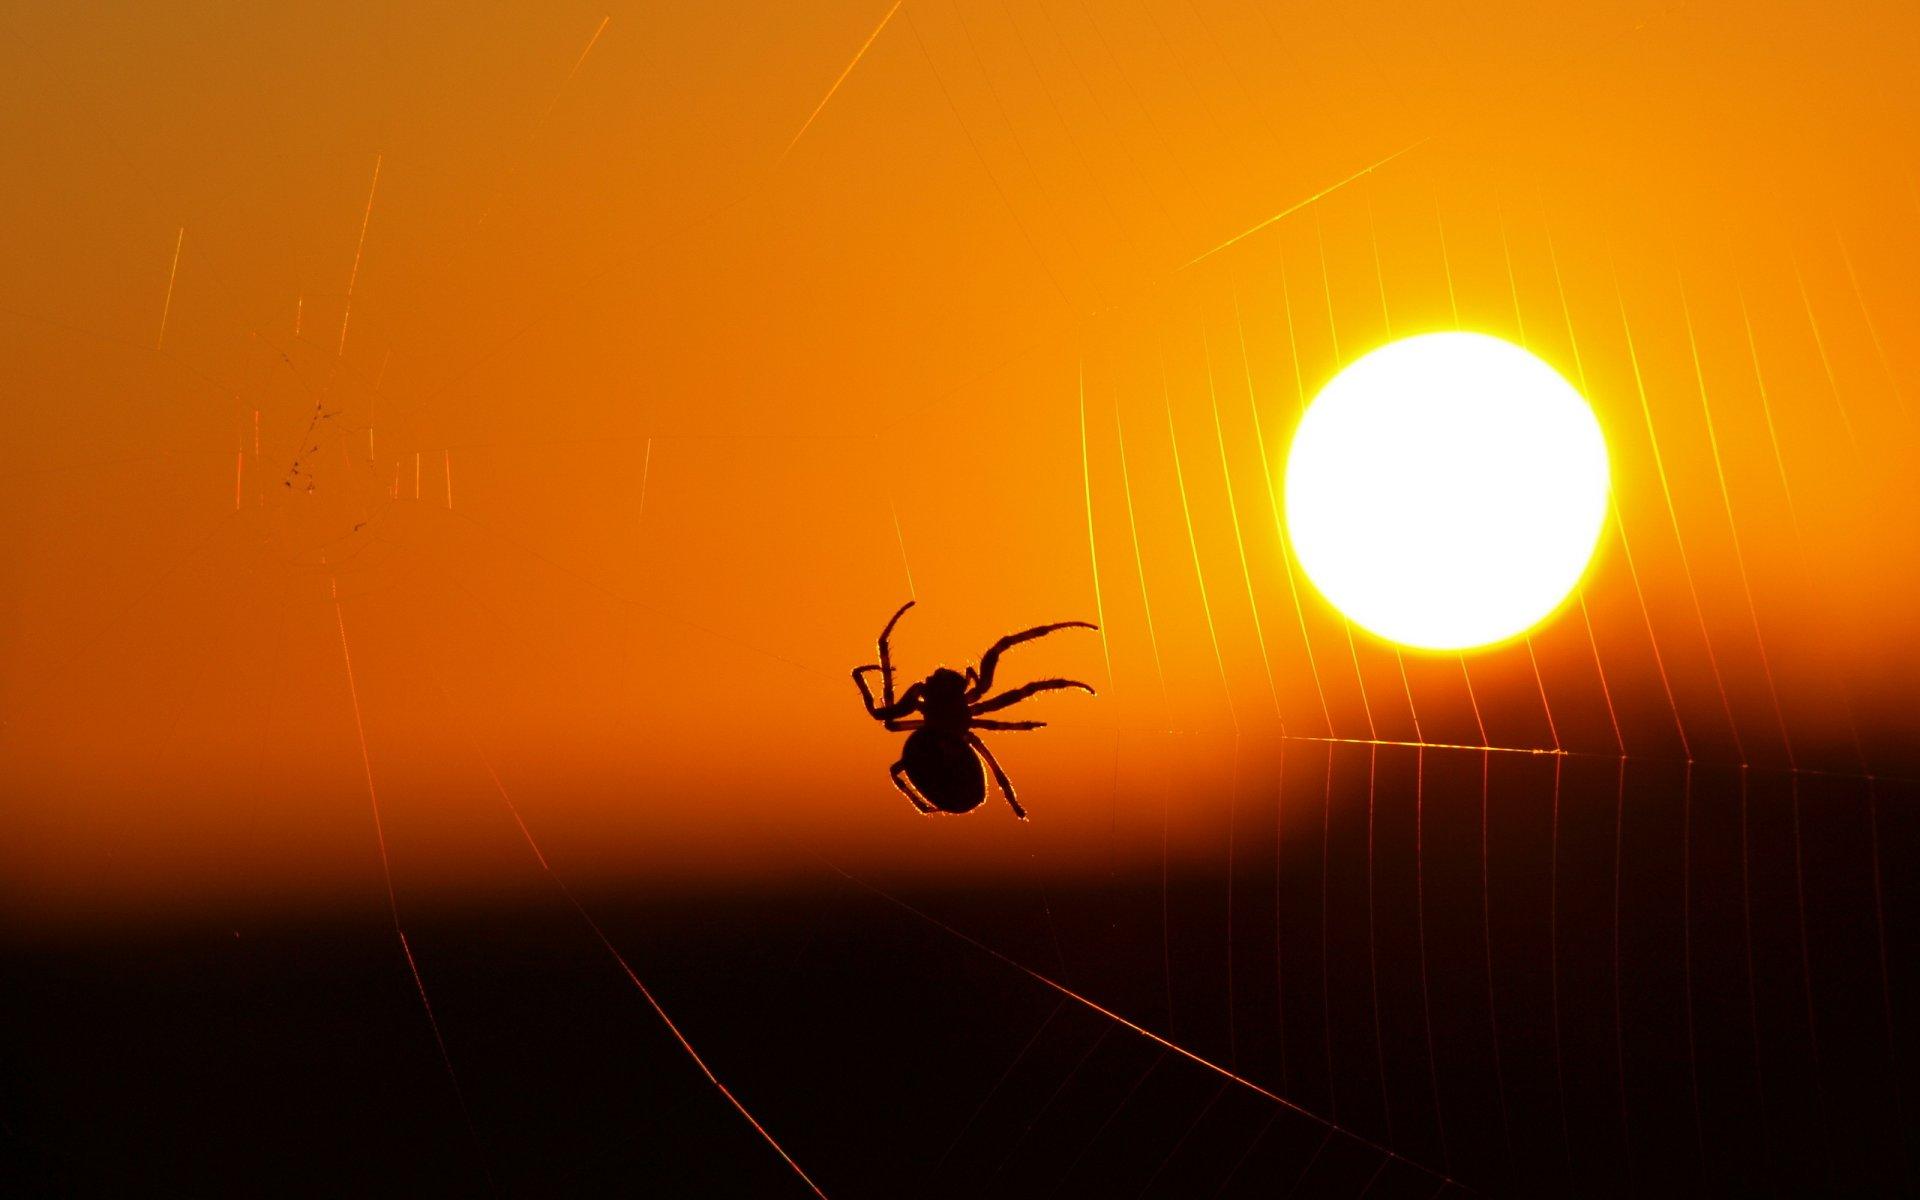 паук паутина бесплатно